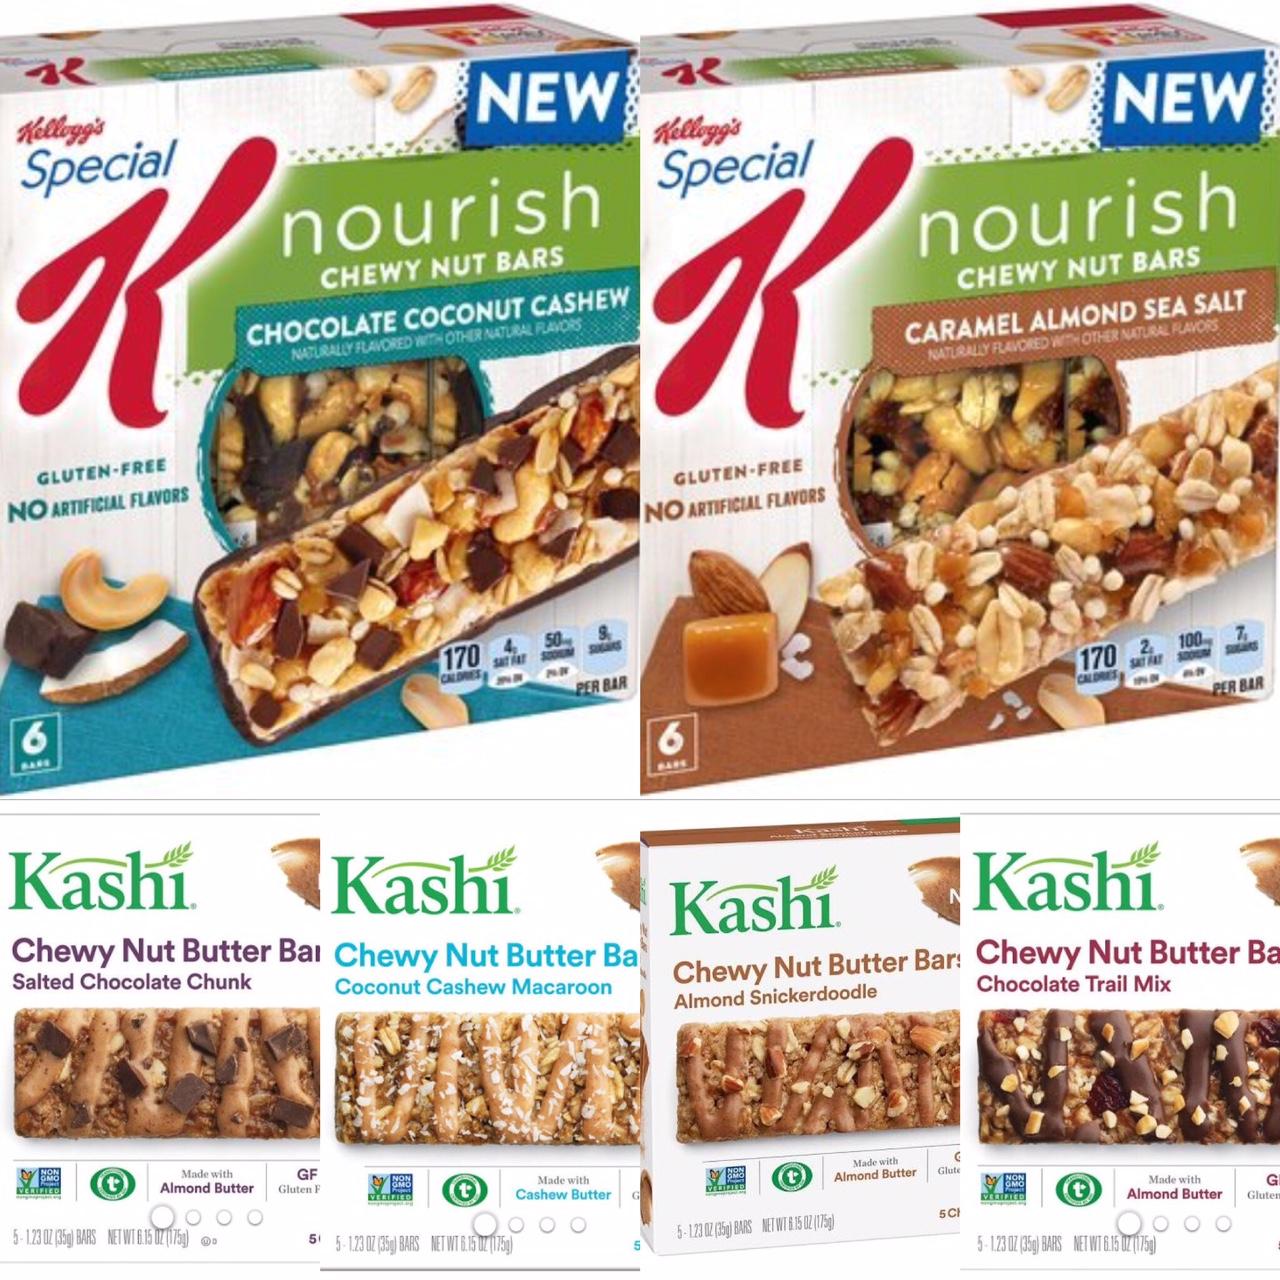 Kashi Chocolate Almond And Sea Salt Recall